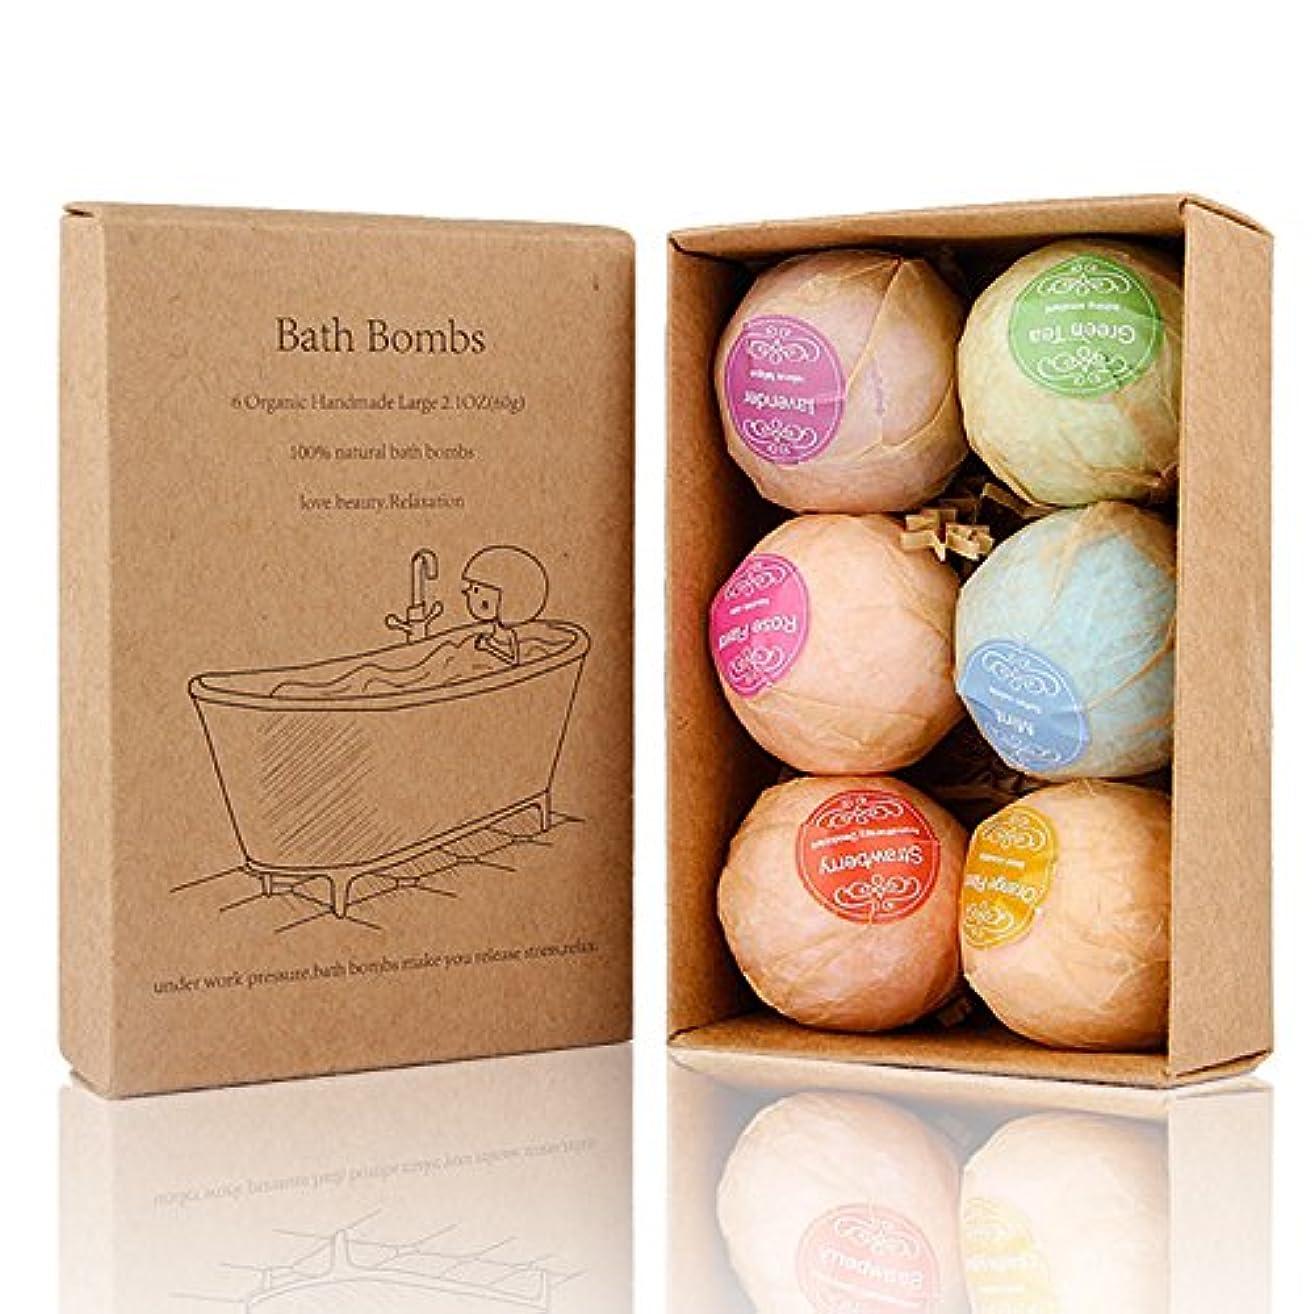 みなす原理偽善者Bath Bomb, 温泡 入浴剤 ギフトセット6個入り, Perfect for Bubble & Spa Bath Ultra Lush Bath Fizzies